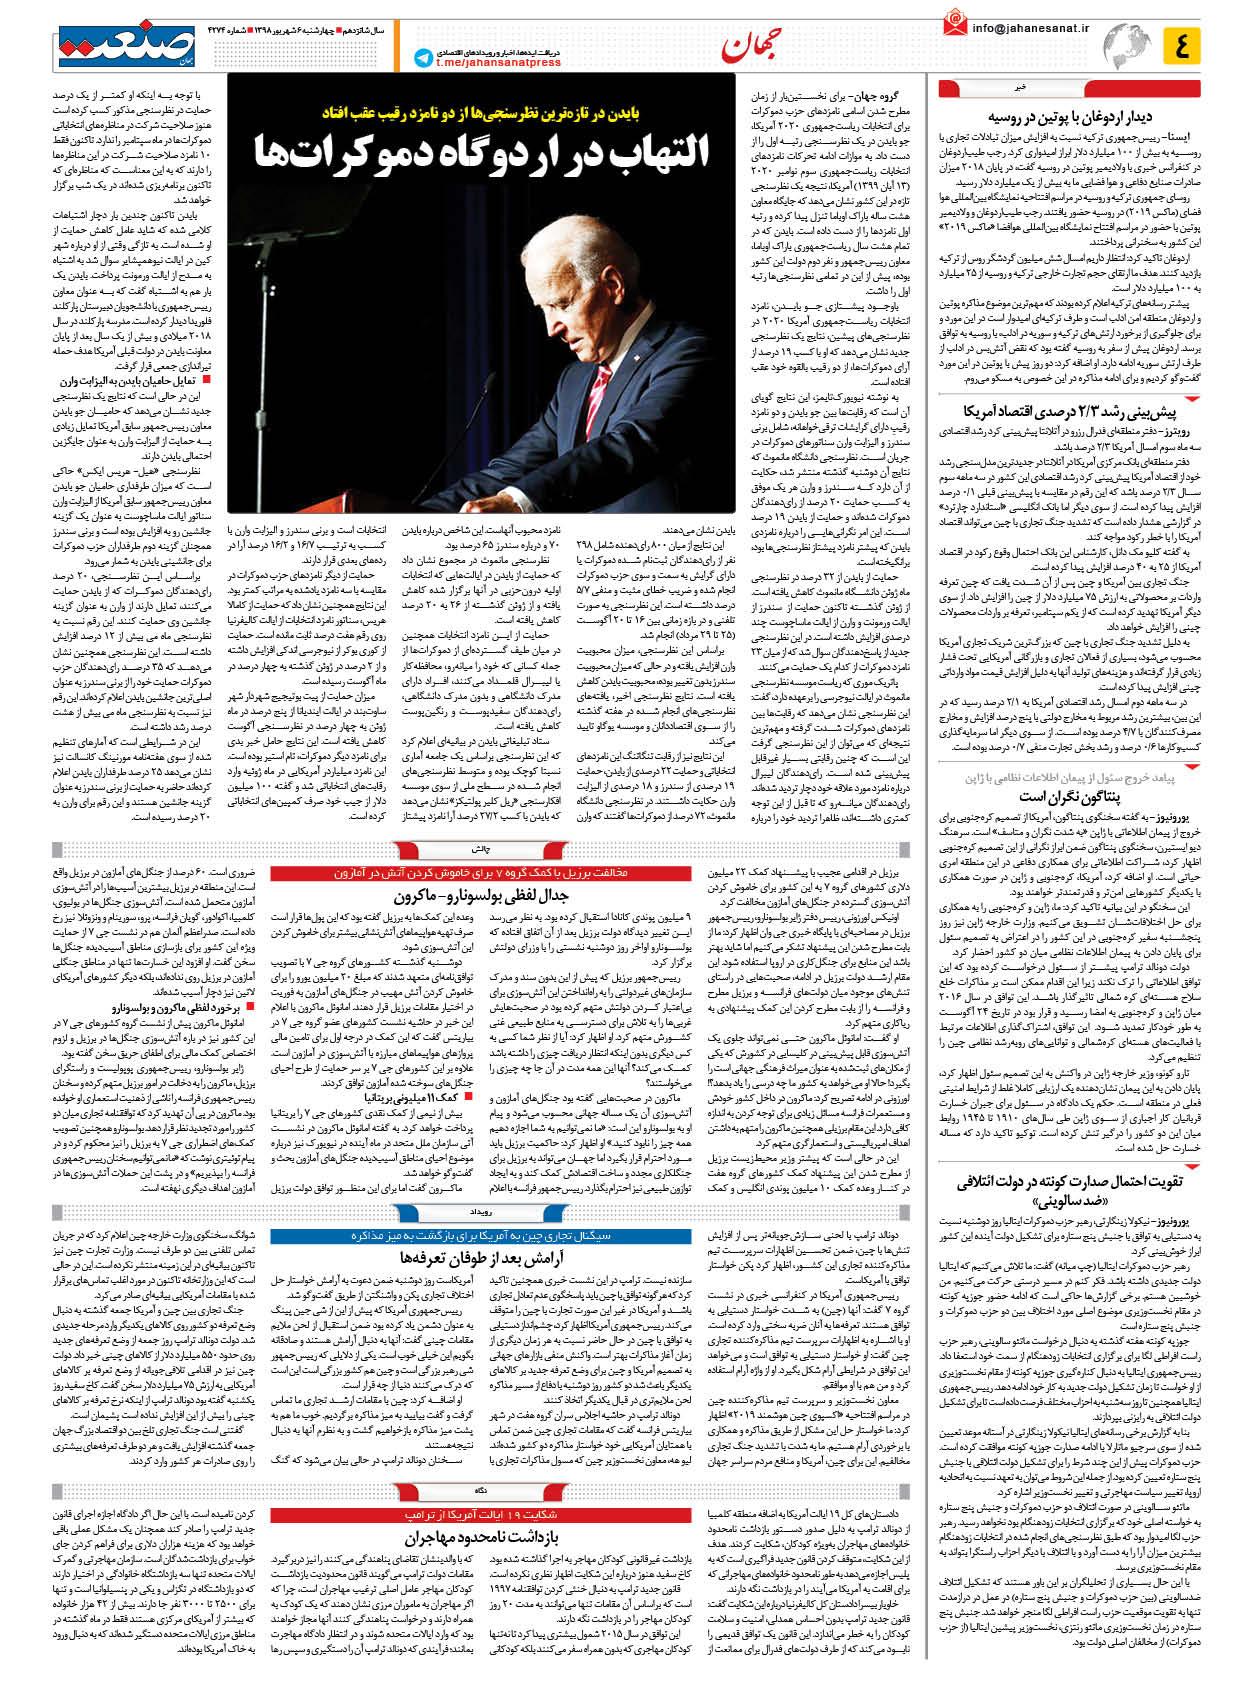 صفحه ۰۴ – ۰۶ شهریور ۱۳۹۸